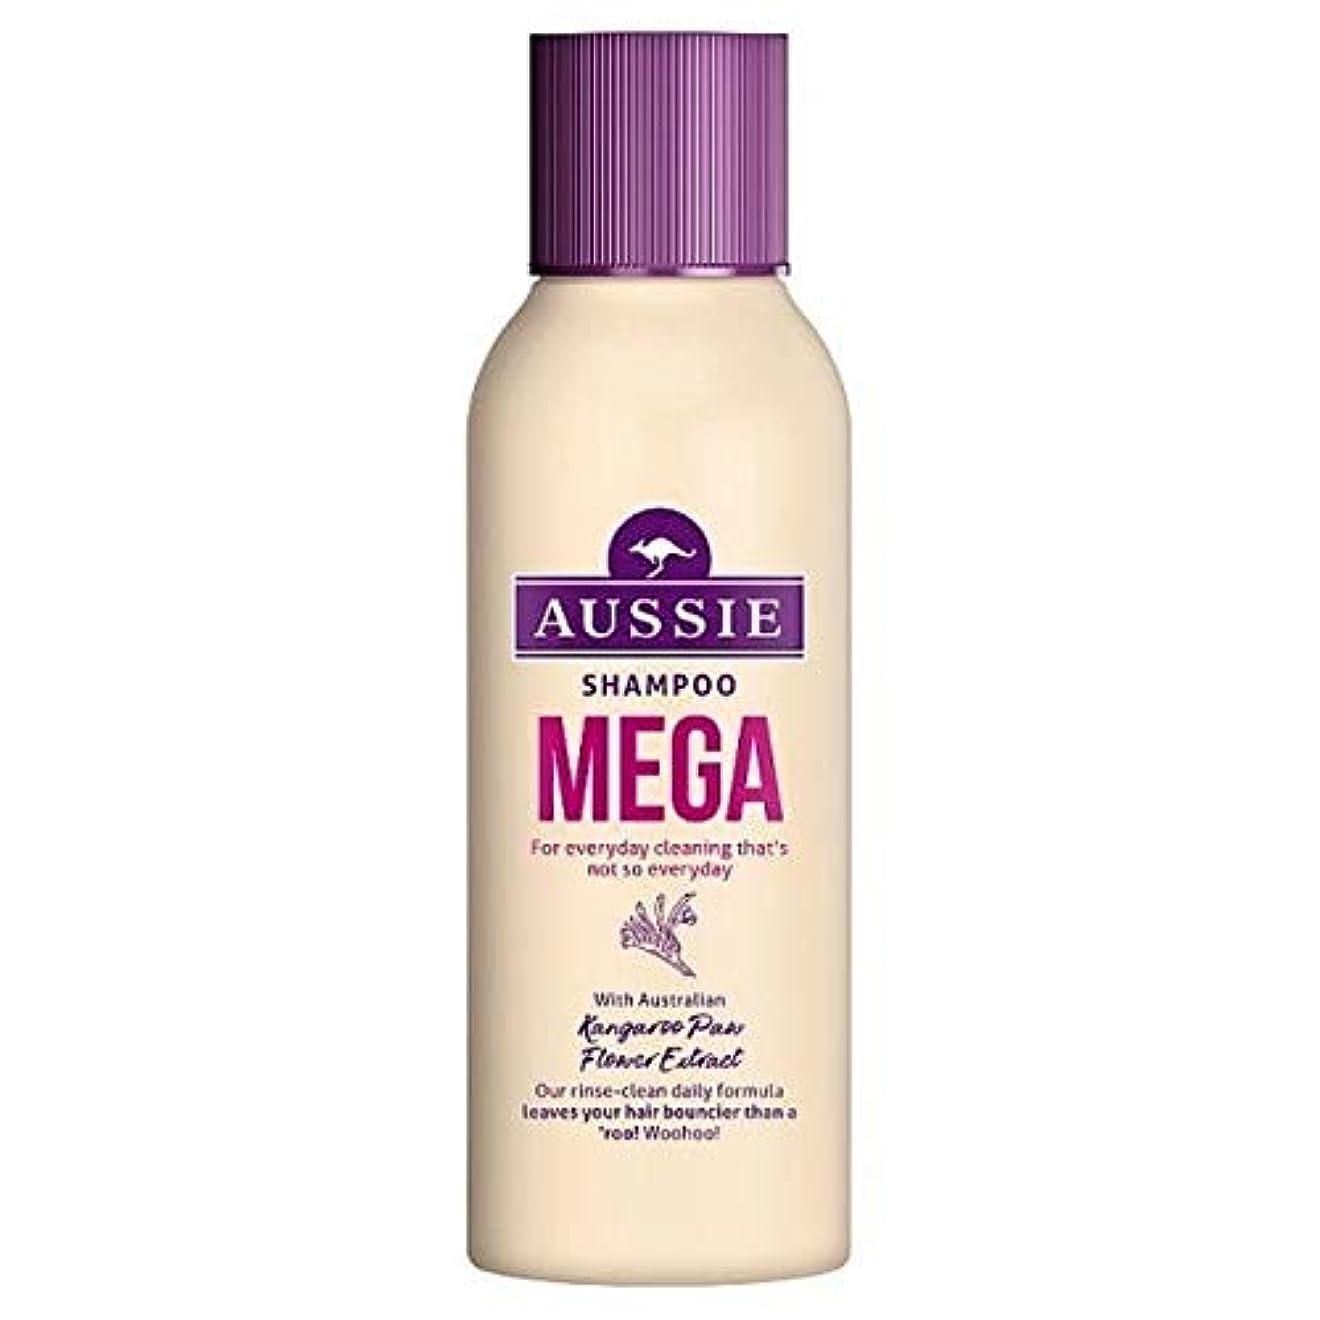 ロマンスコミュニティ識別する[Aussie ] オージーメガシャンプー90ミリリットル - Aussie Mega Shampoo 90ml [並行輸入品]